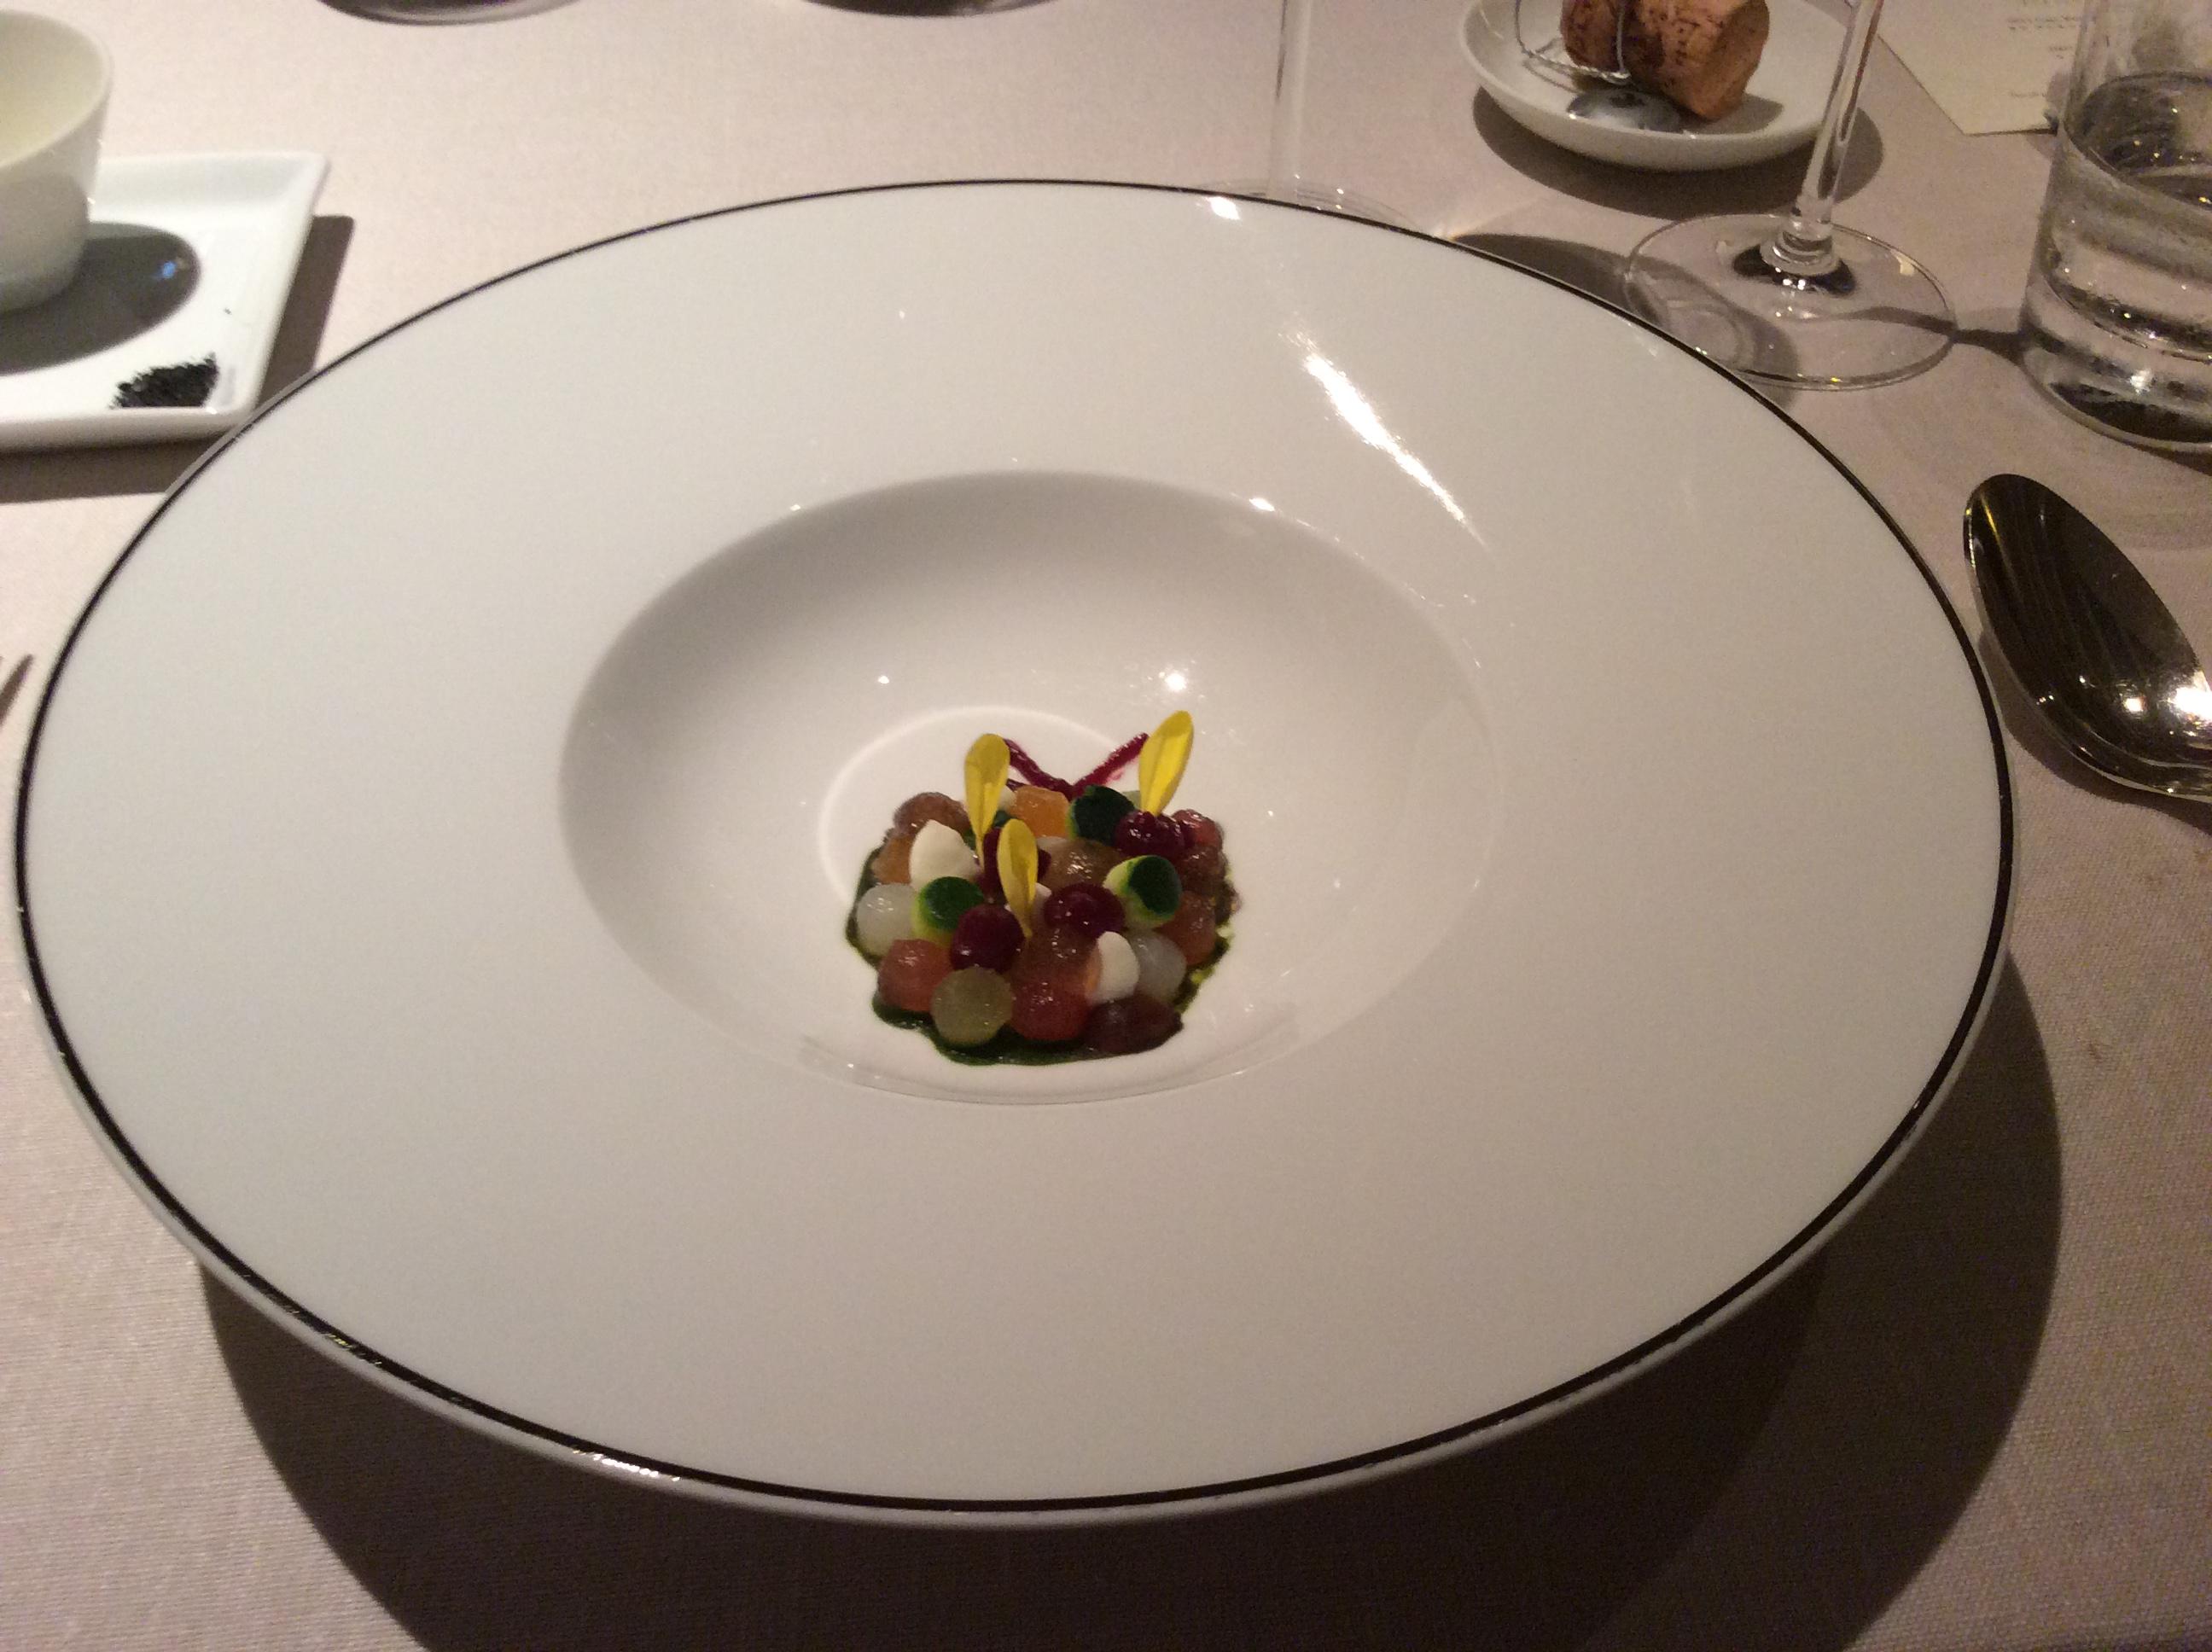 http://gourmet-italian.com/538.JPG